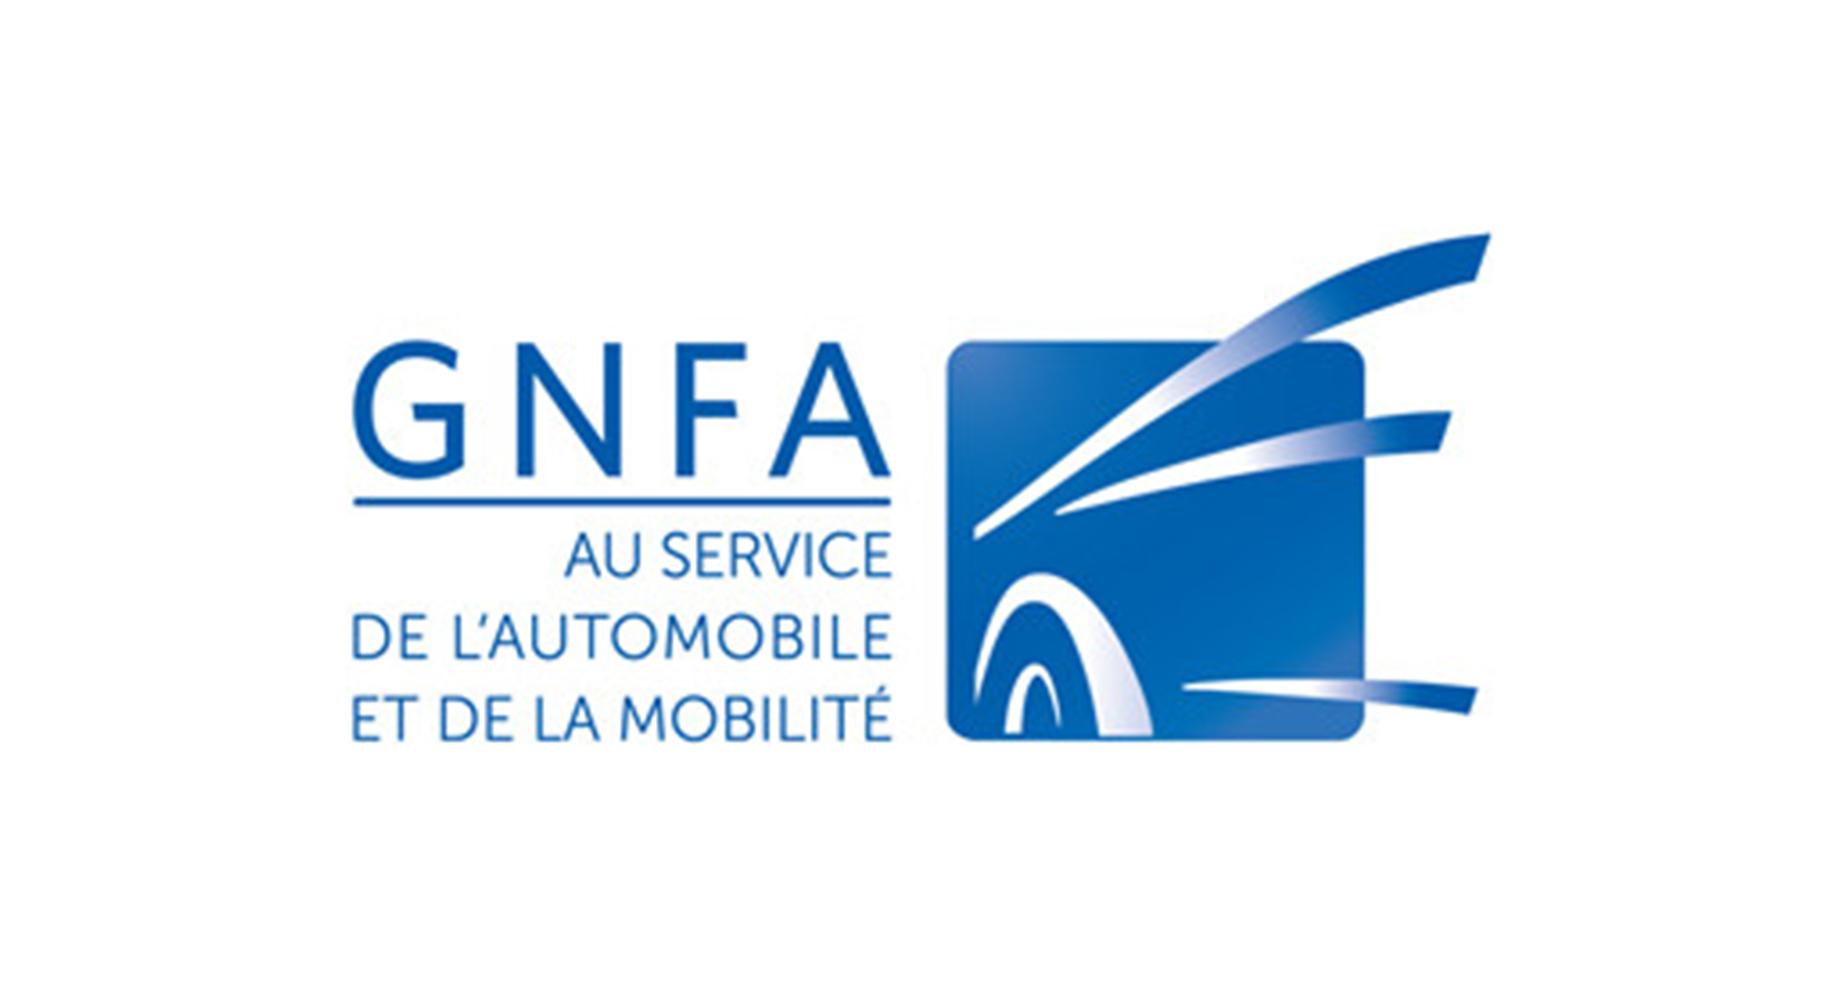 gnfa_logo